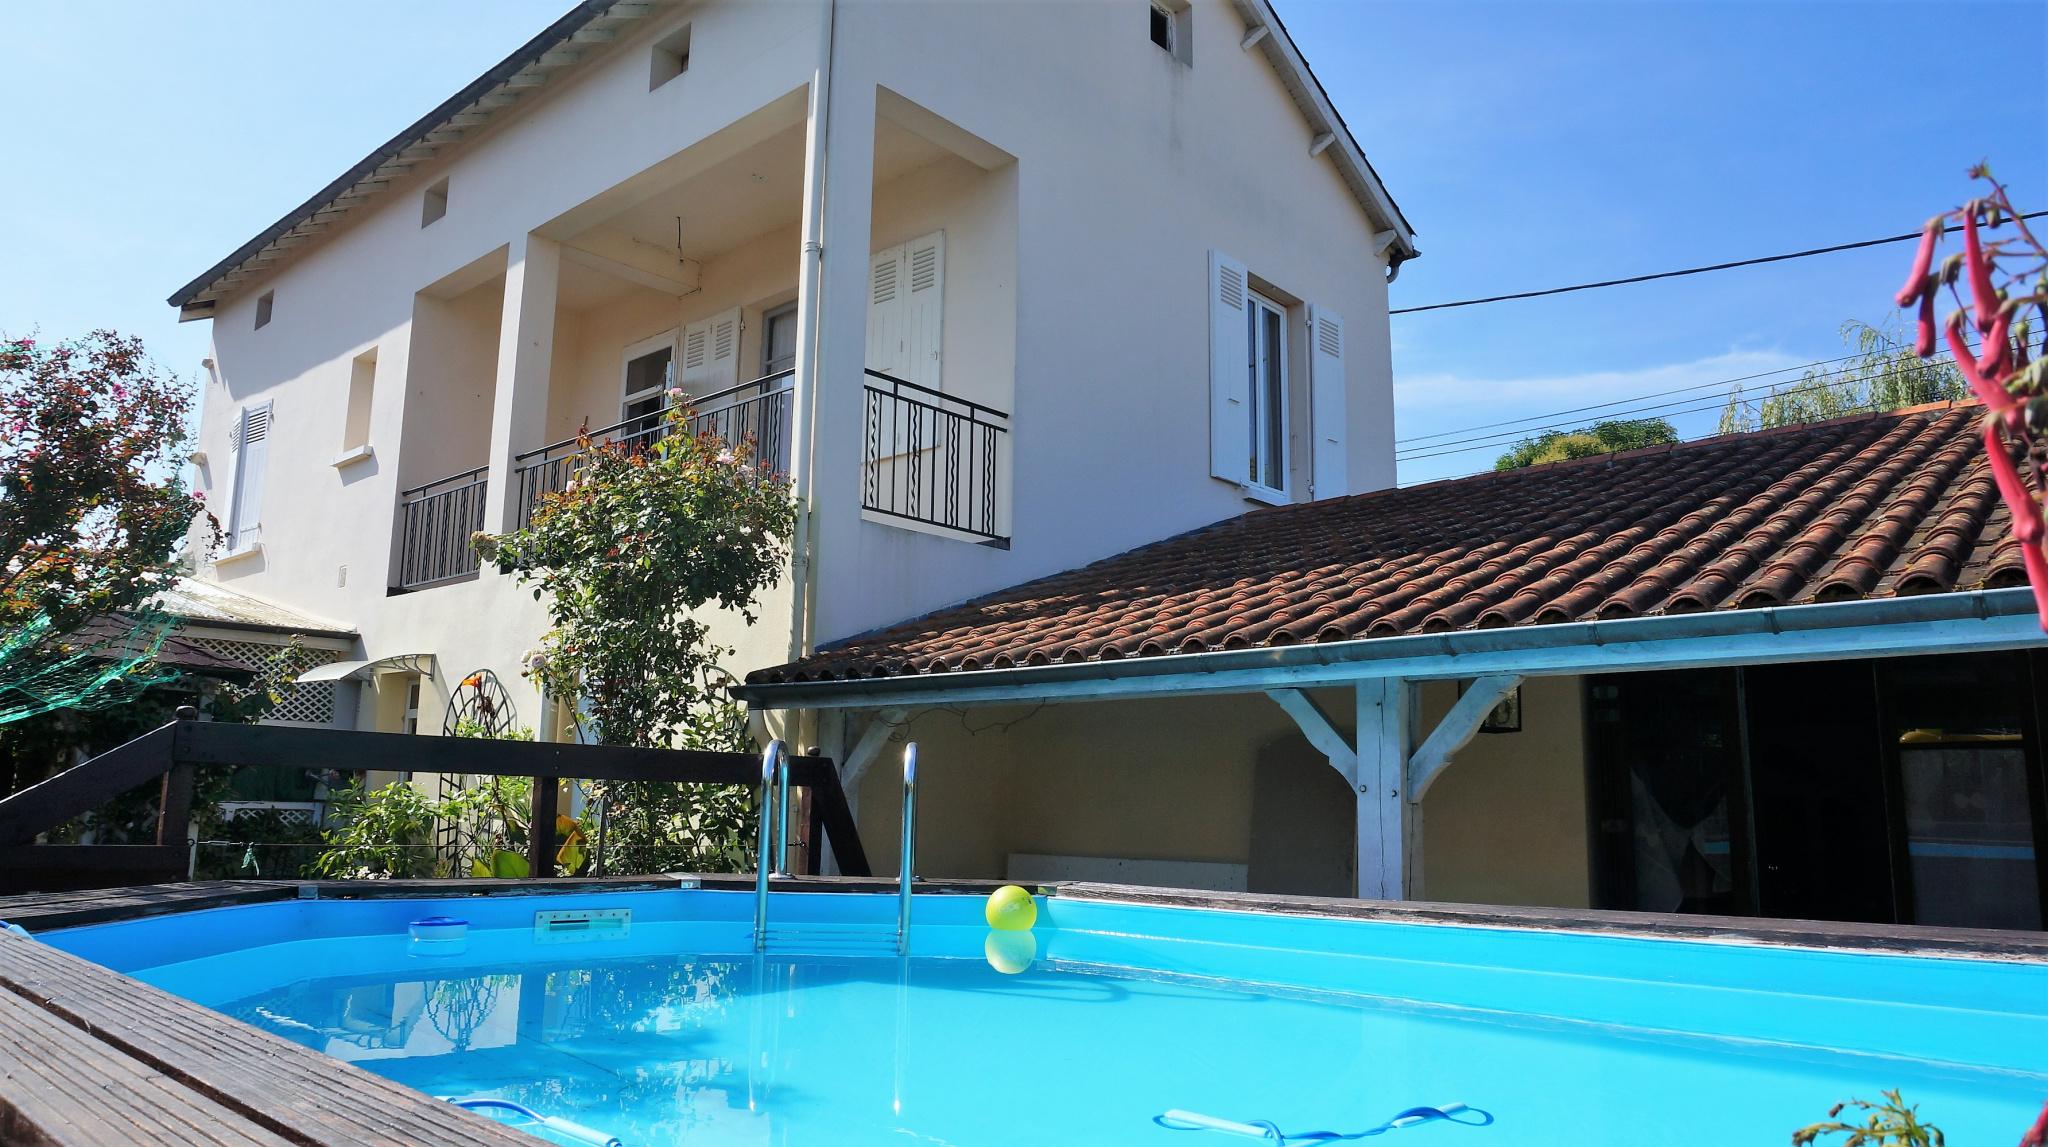 Vente maison/villa 7 pièces plaisance 32160